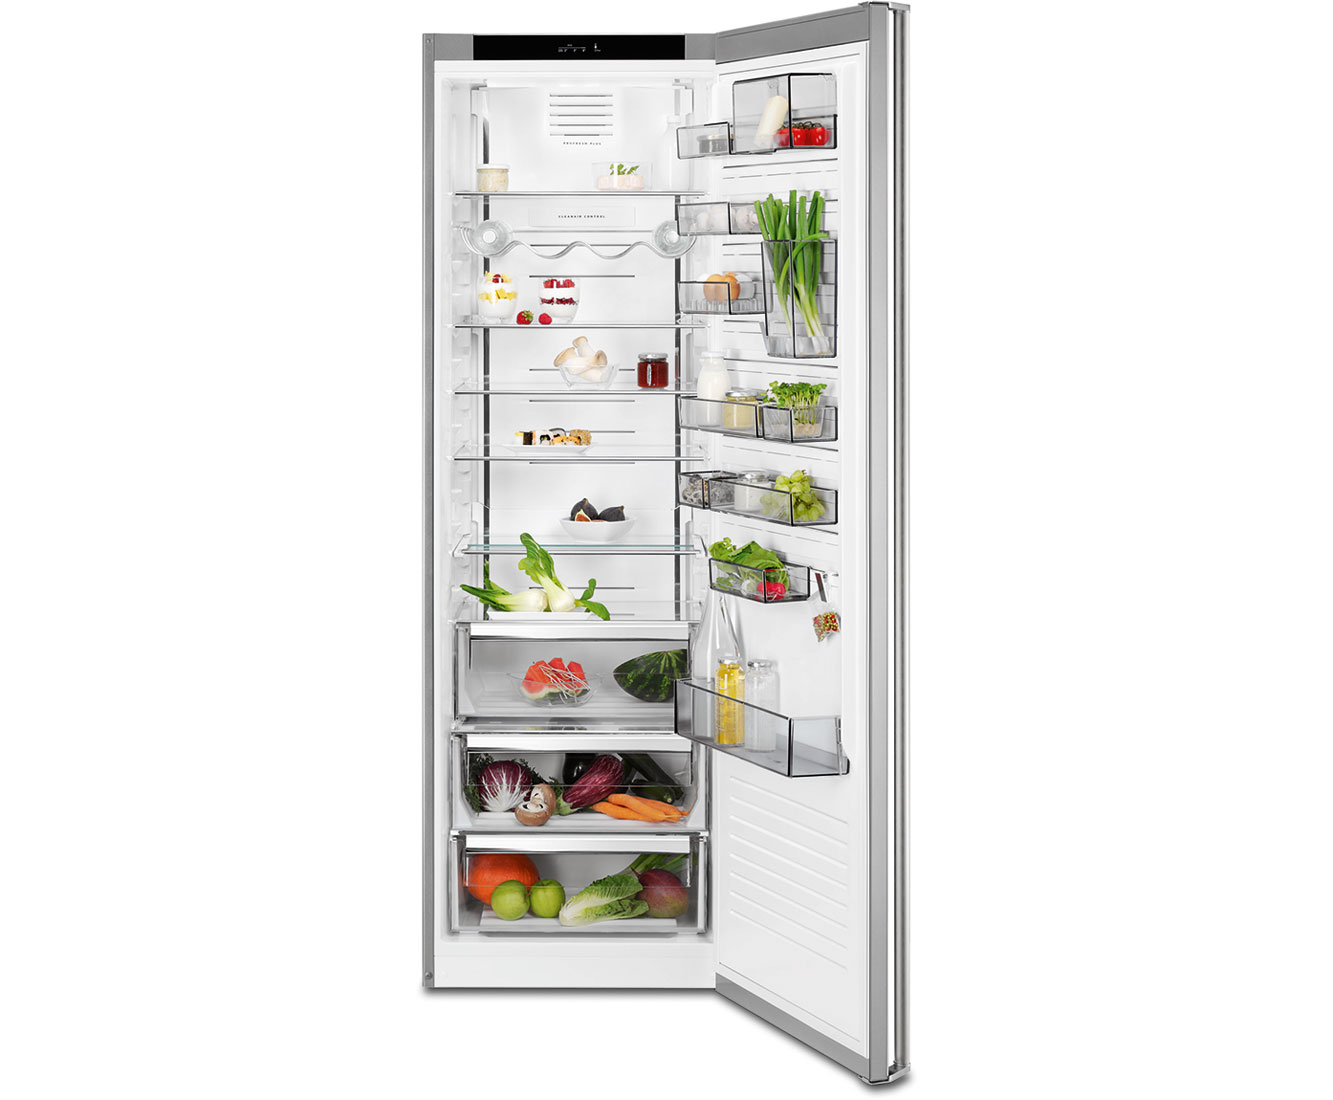 Aeg Kühlschrank Unterbau : Aeg santo rkb mx kühlschrank edelstahl a